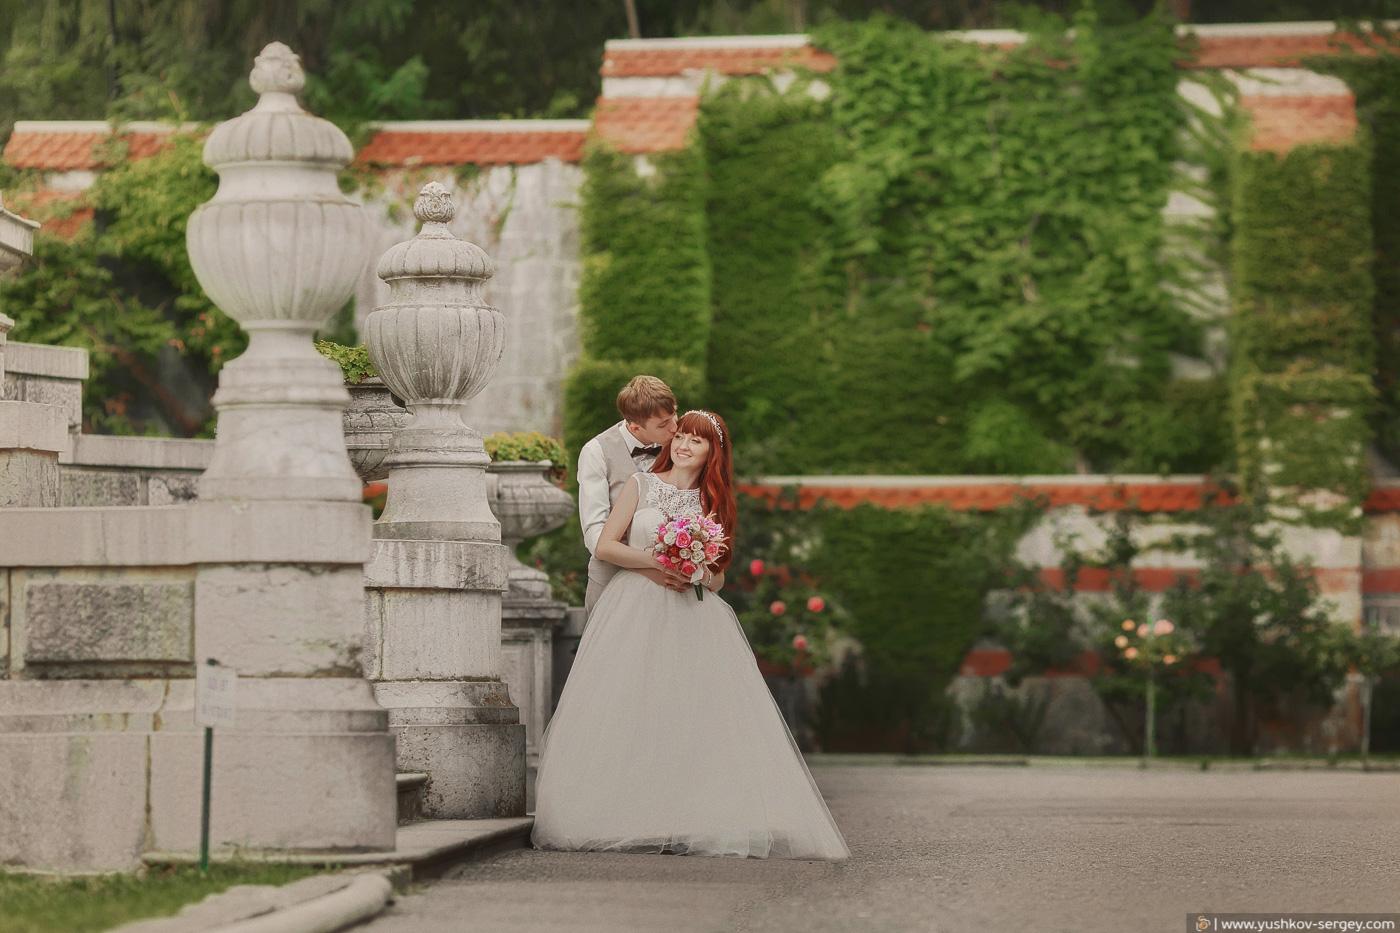 Свадьба для двоих в Крыму. Свадебная фотосессия в парке Массандровского дворца, Ялта. Фотограф - Сергей Юшков.